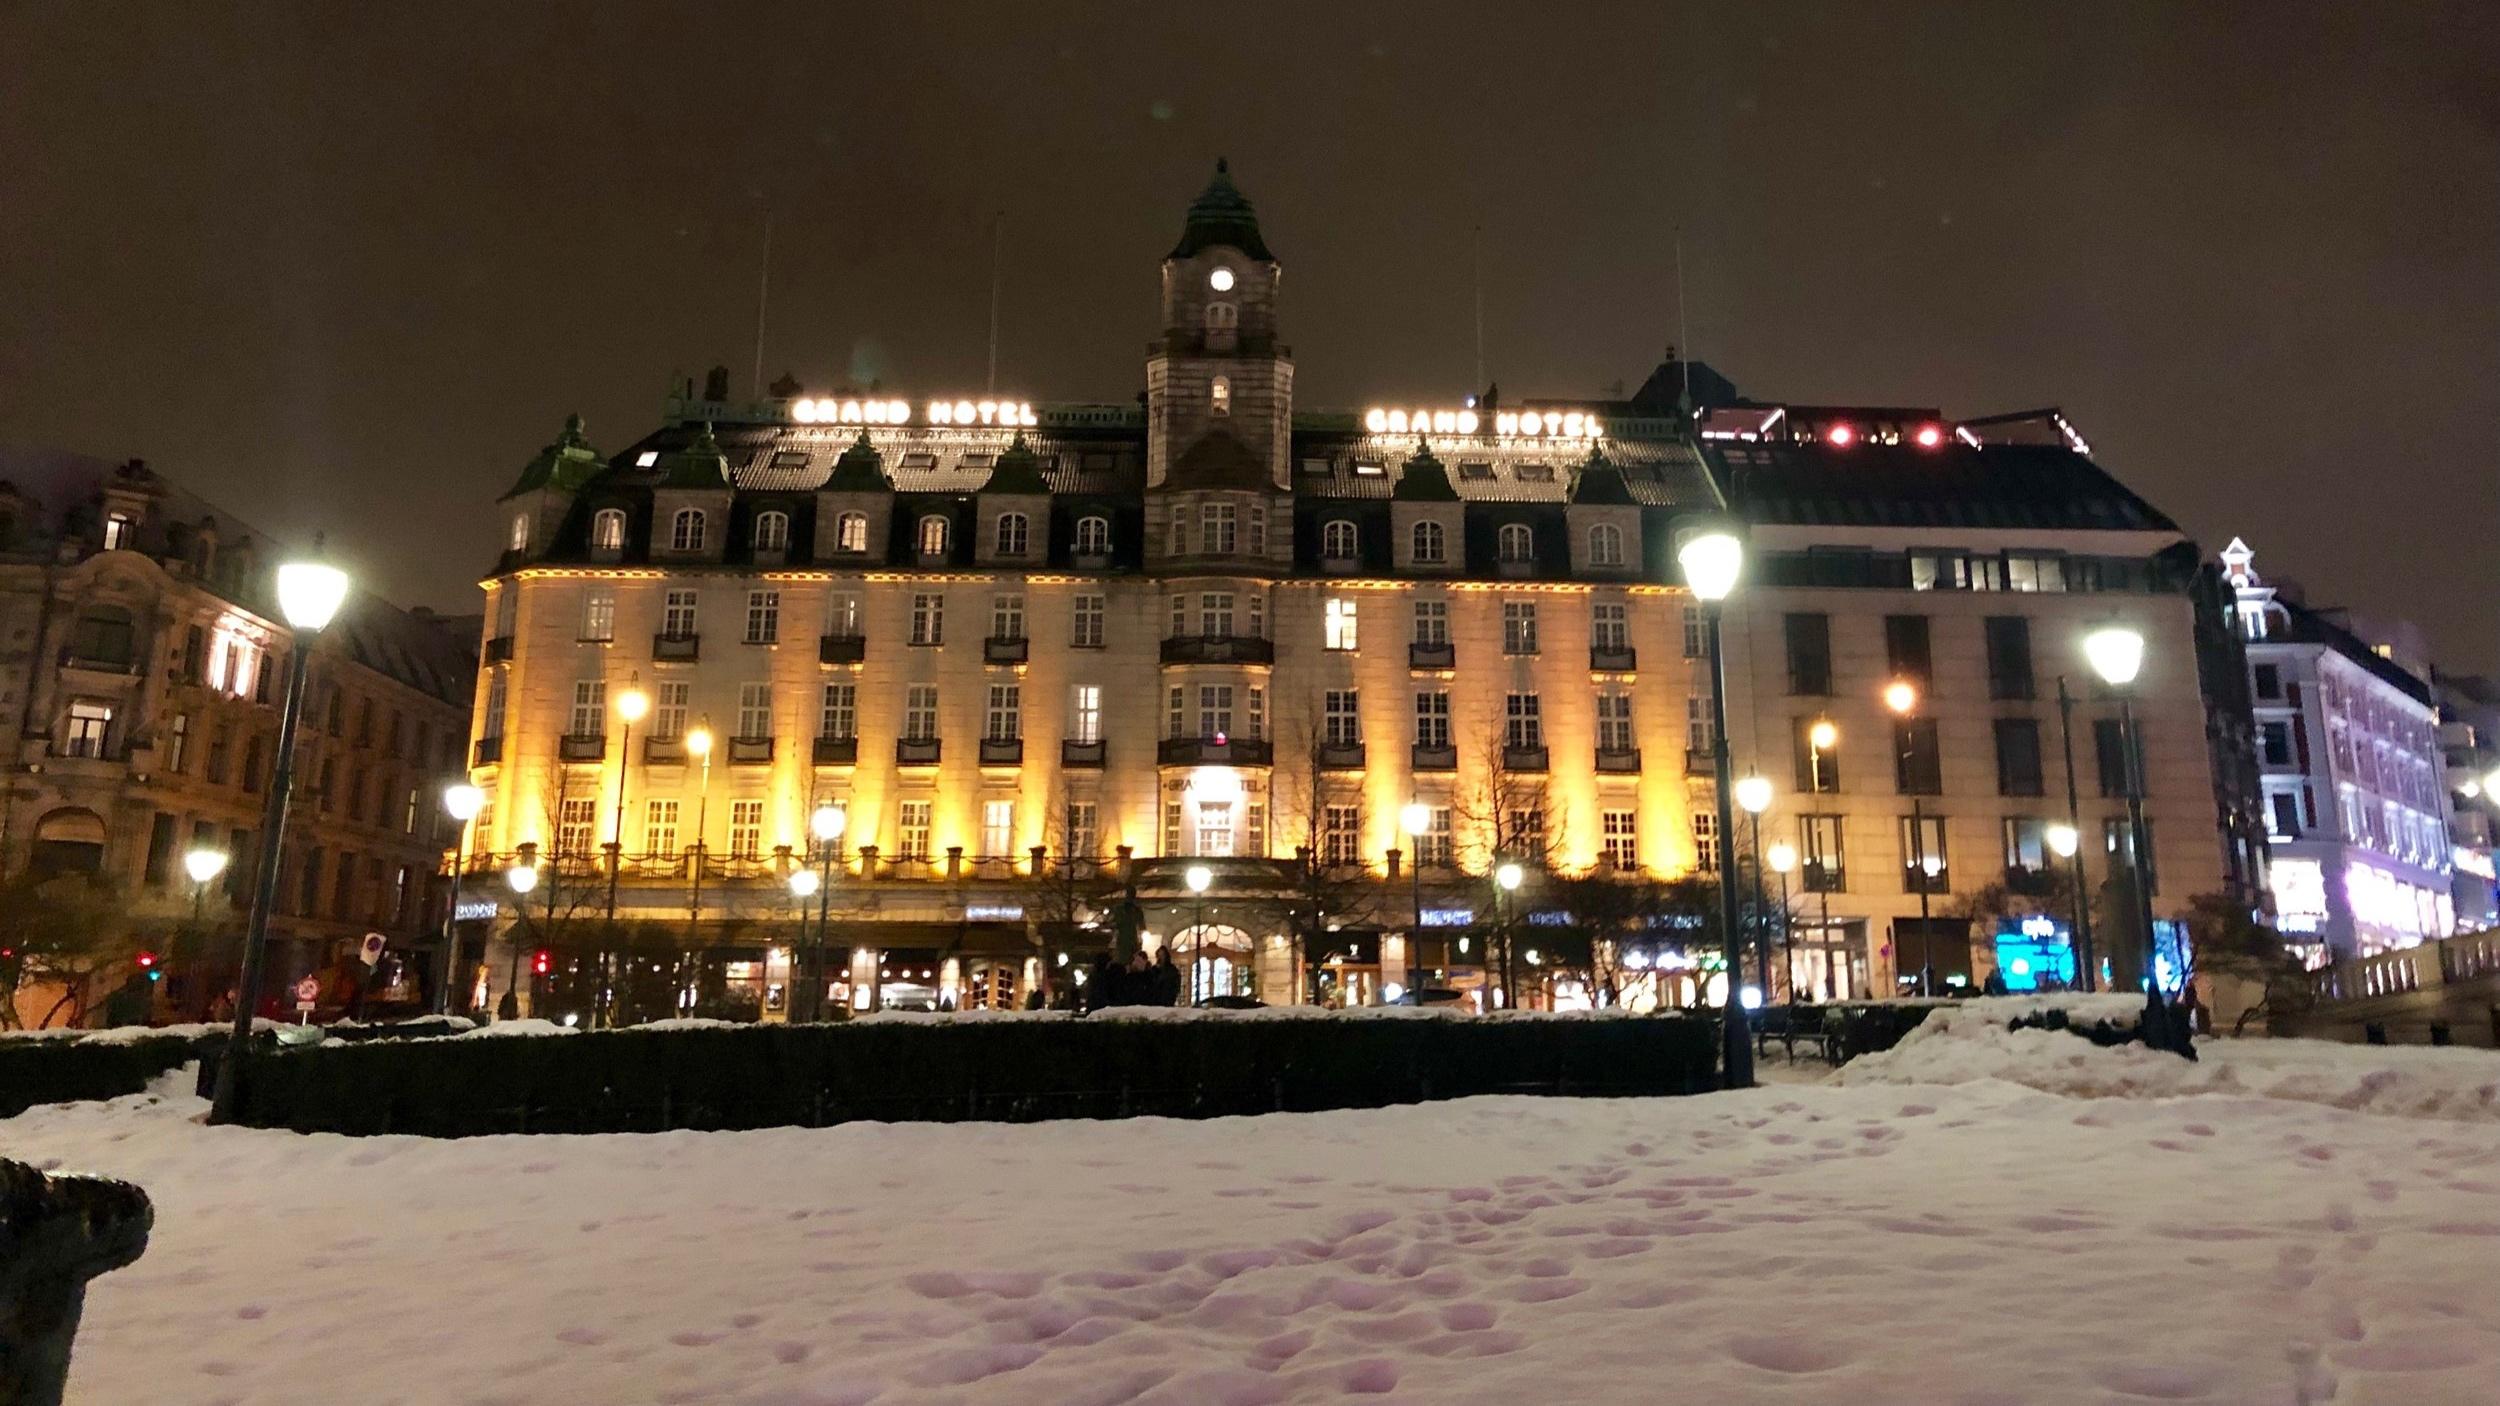 The Grand Hotel, Oslo